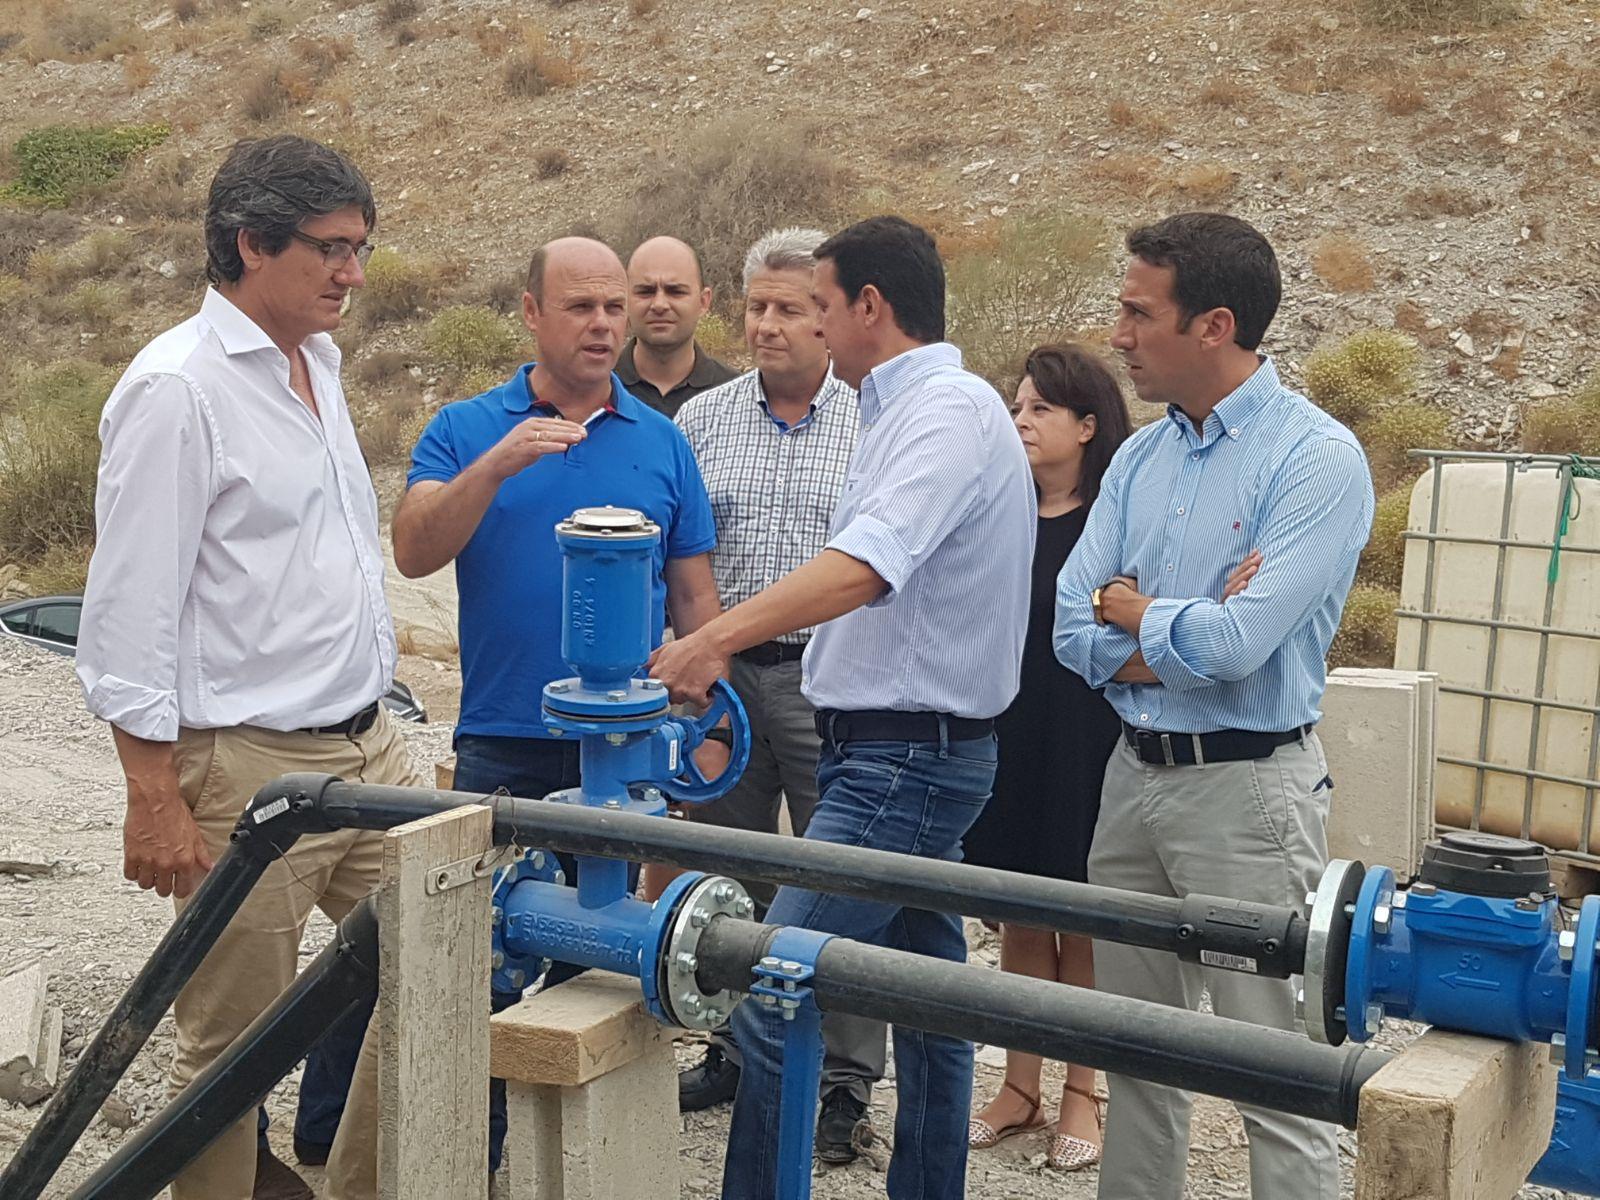 Ciudadanos Adra se congratula del avance de las obras para llevar el agua potable a la Alquería